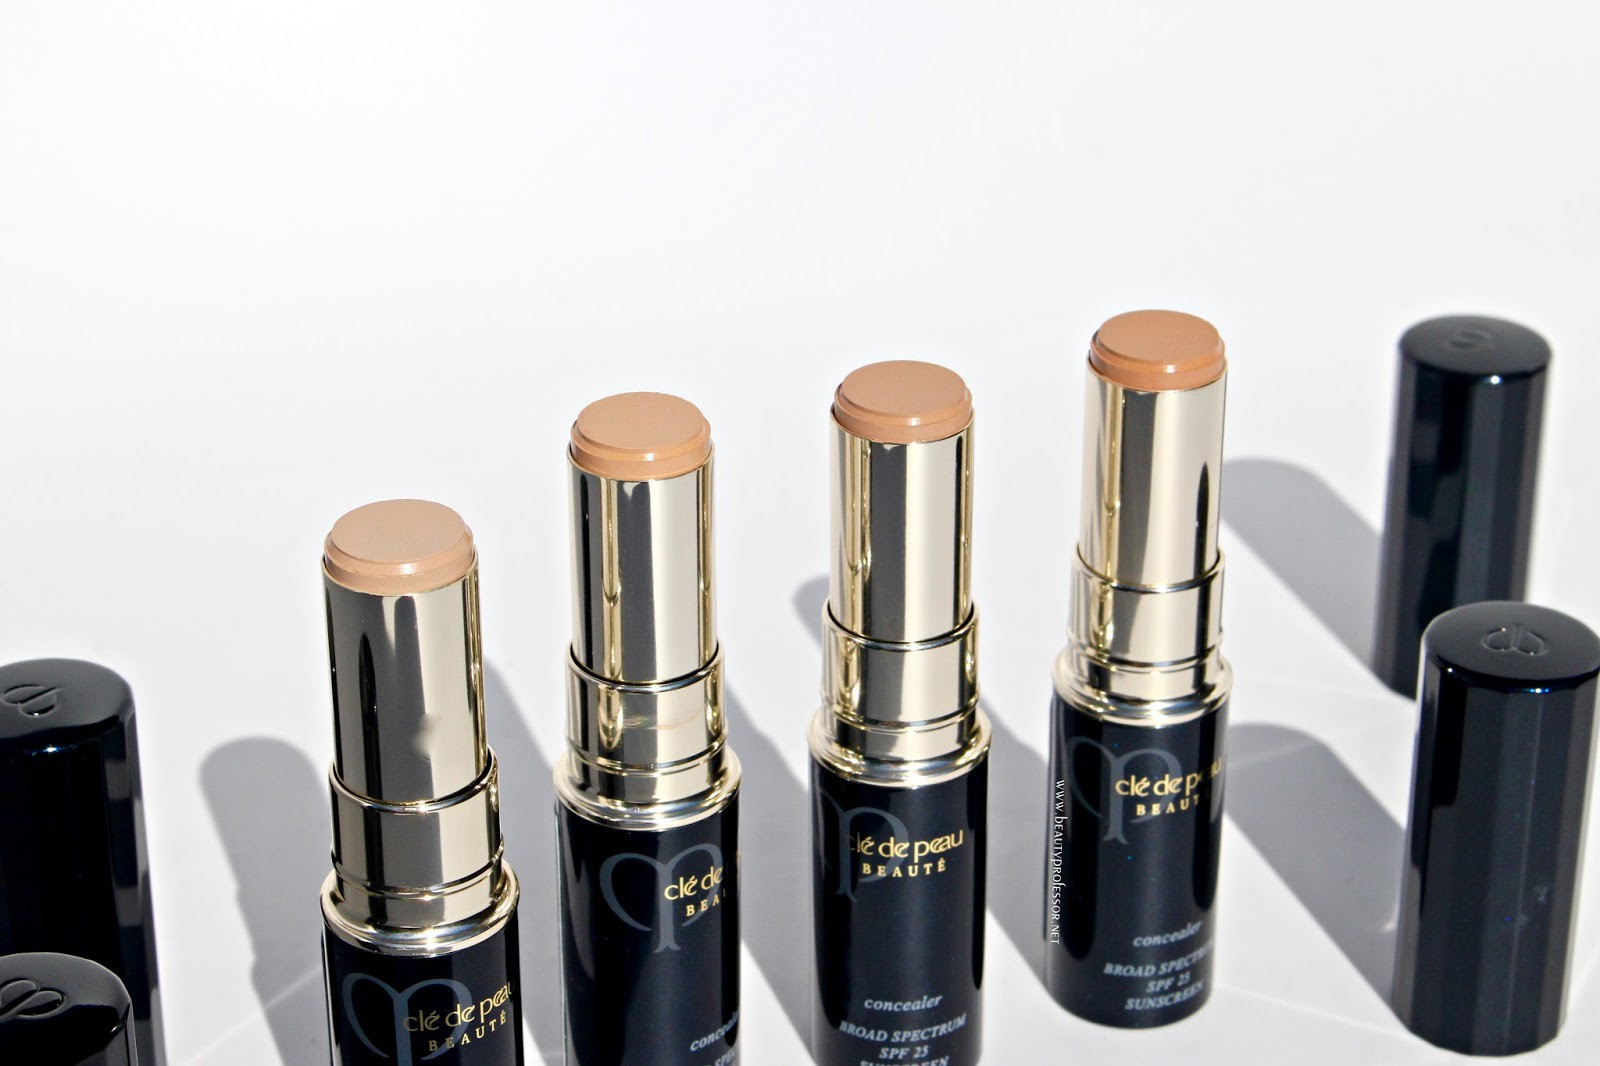 12 sản phẩm làm đẹp bất hủ khiến các beauty editor phải mua đi mua lại liên tục vì chất lượng quá xuất sắc - Ảnh 12.